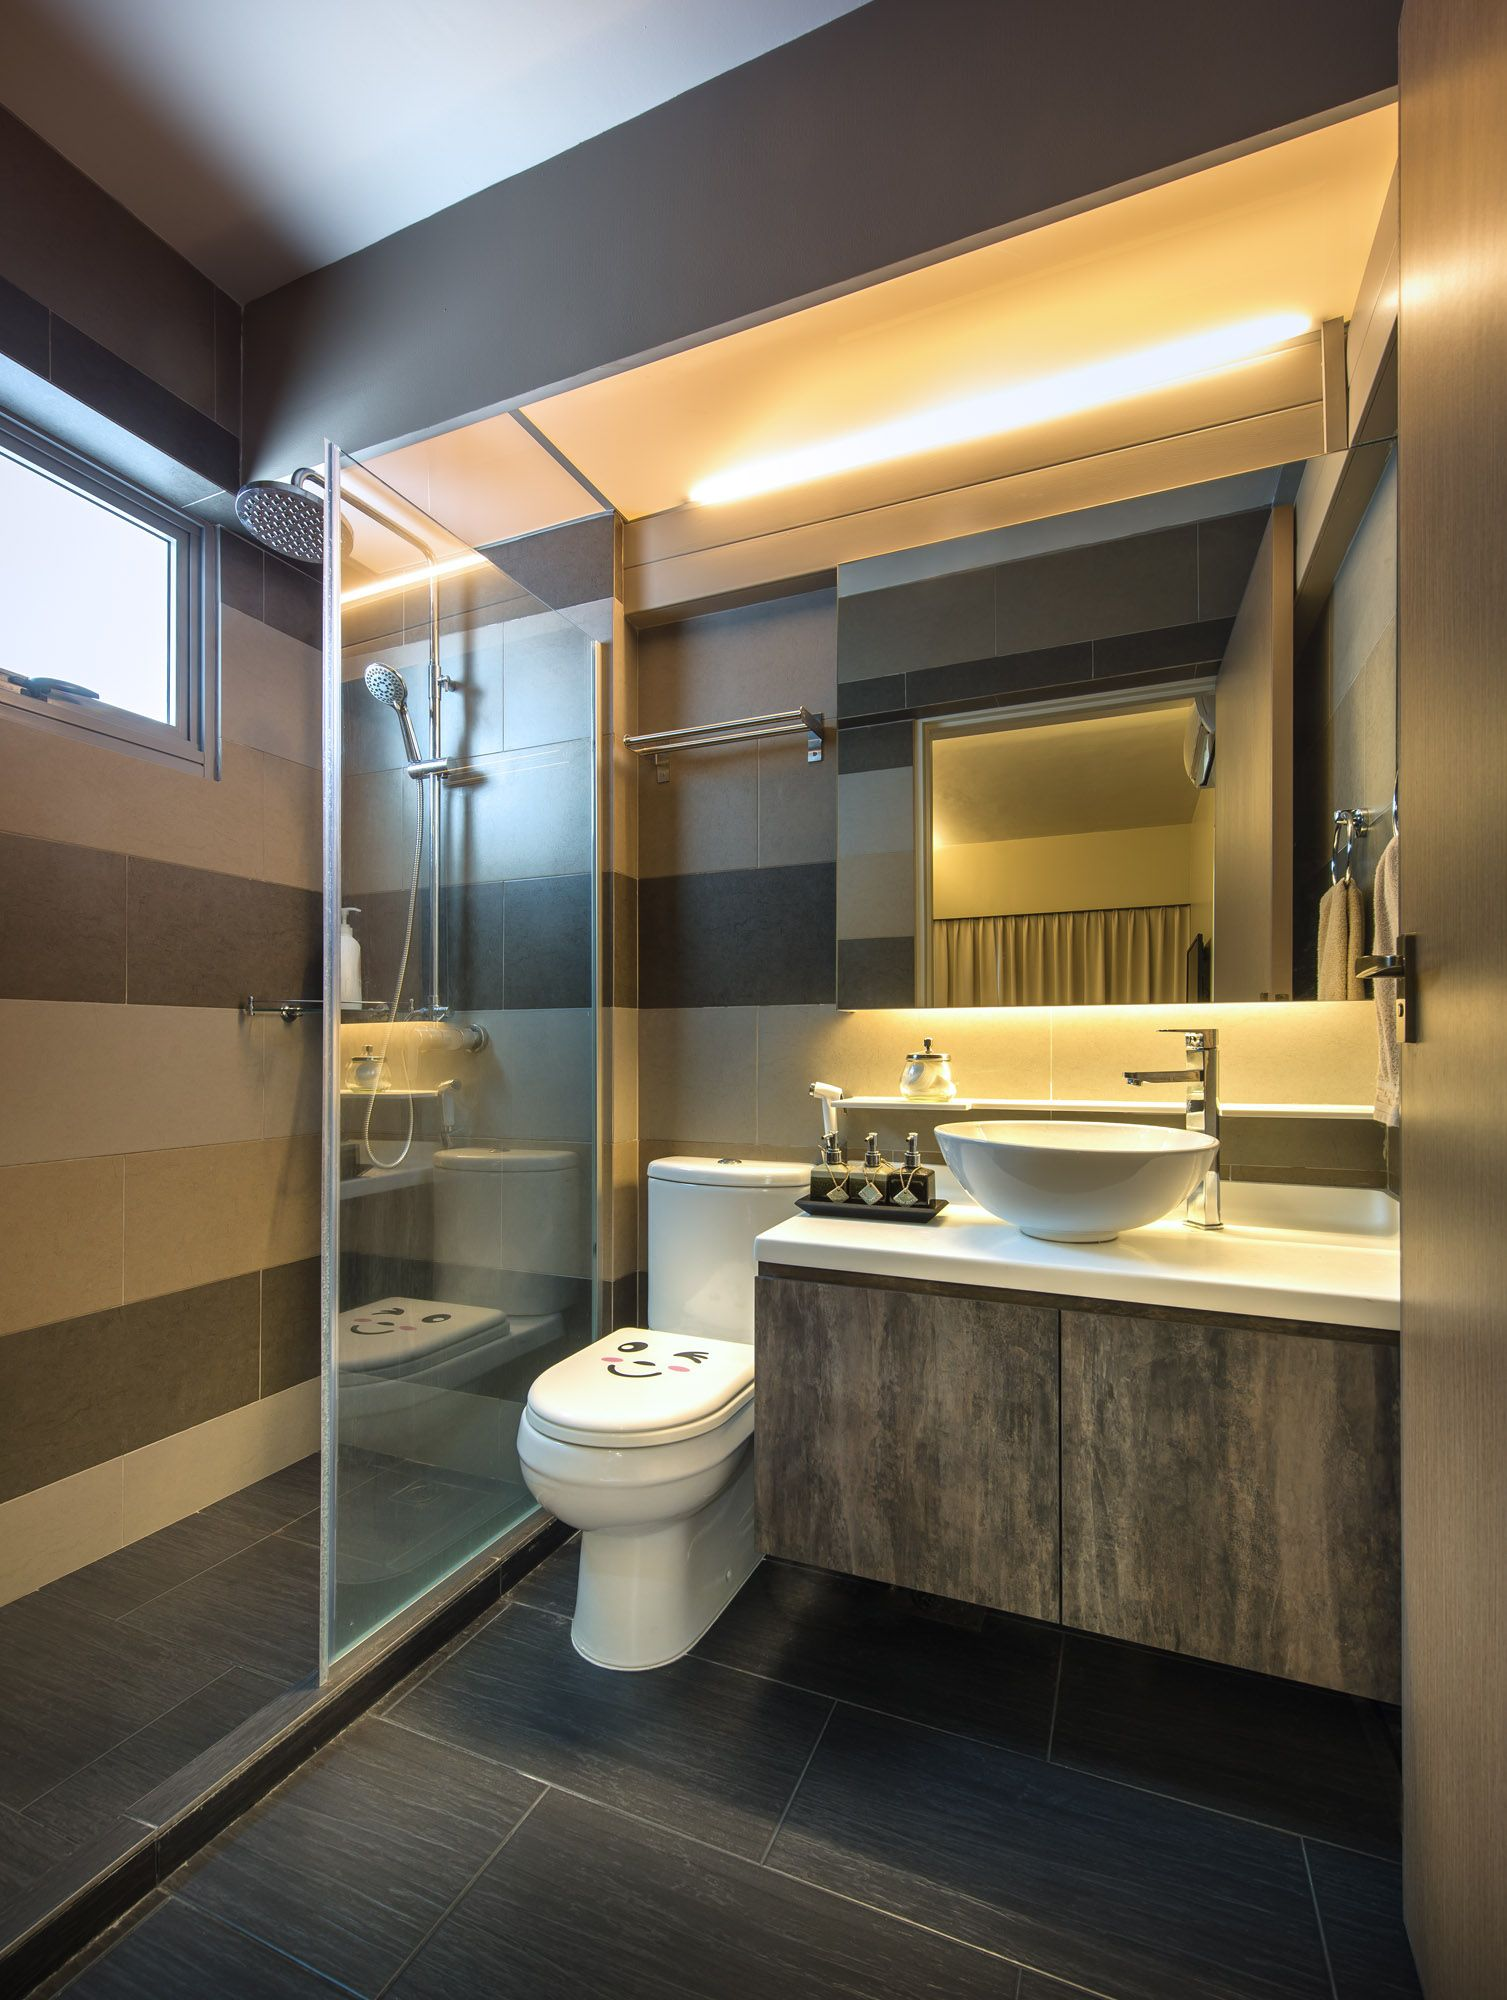 4 room bto master bedroom design  Rezt u Relax   room Punggol Walk  Bathroom  Pinterest  Room